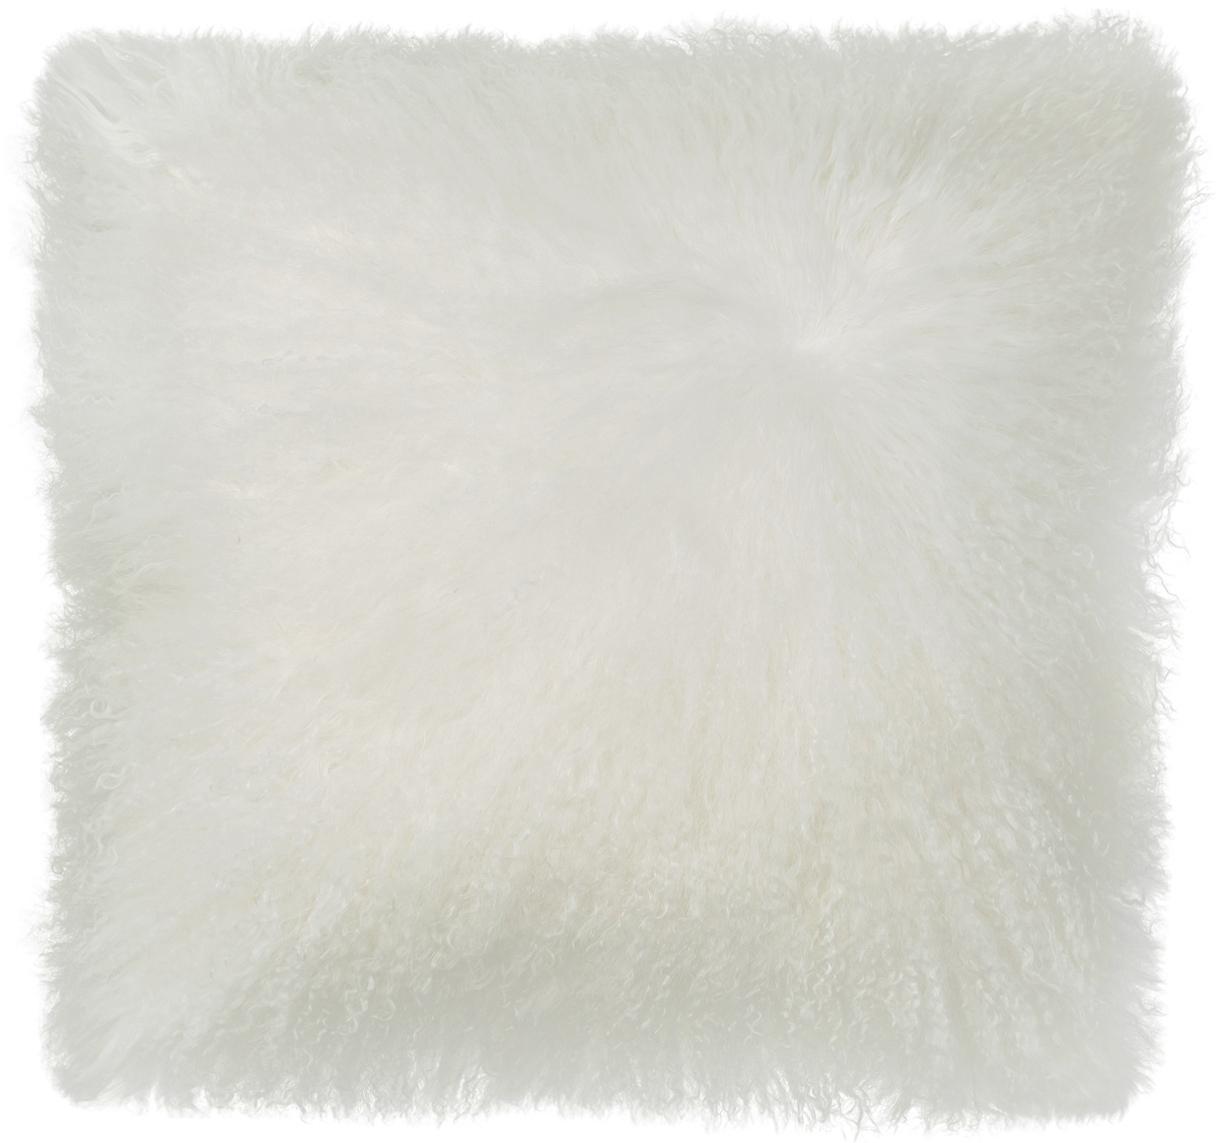 Langhaar-Lammfell Kissenhülle Ella, gelockt, Vorderseite: 100% mongolisches Lammfel, Rückseite: 100% Polyester, Weiß, 40 x 40 cm